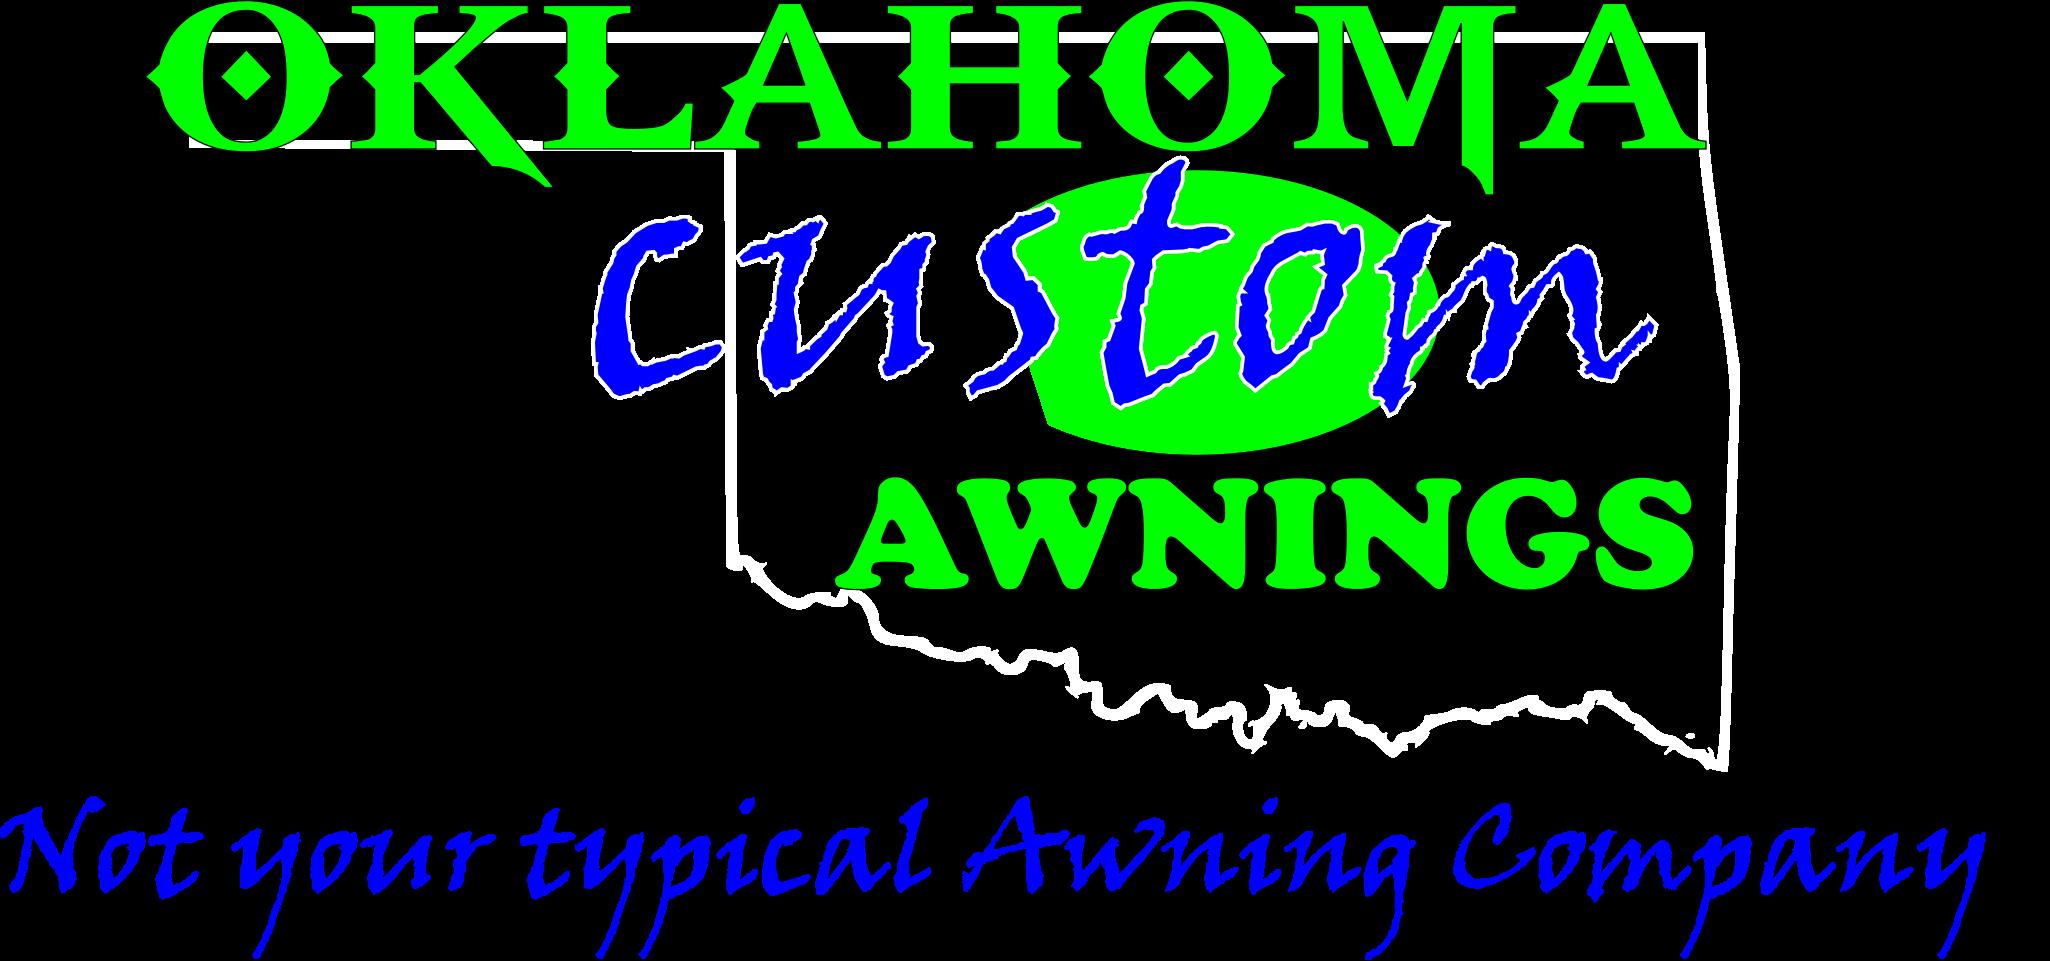 Oklahoma Custom Awnings